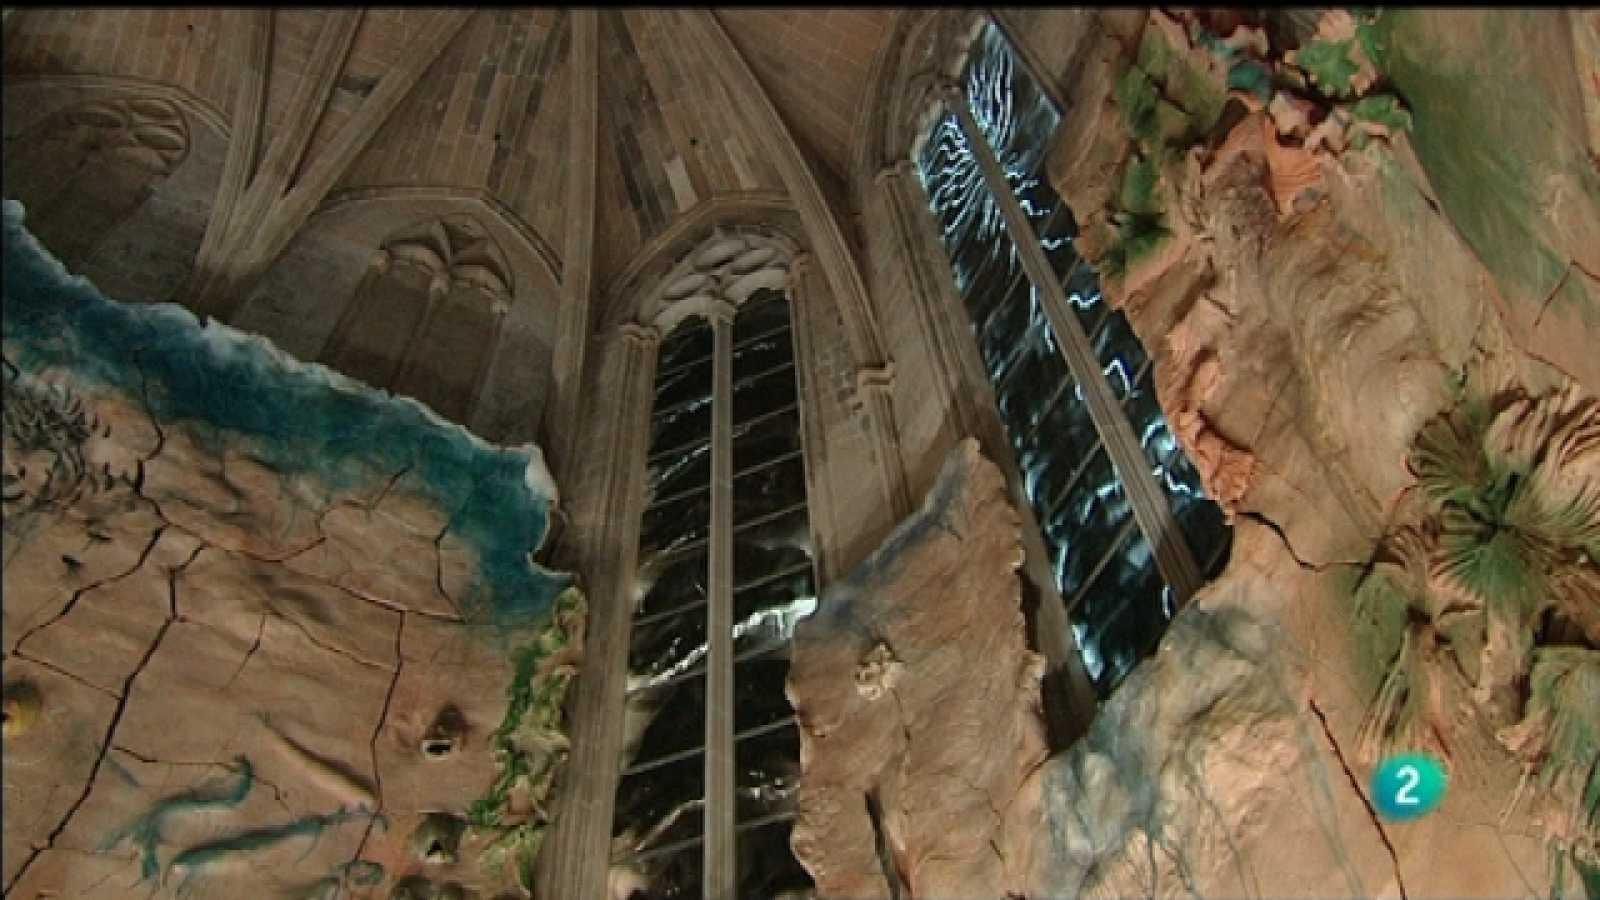 La mitad invisible - Intervención de la catedral de Mallorca - Ver ahora